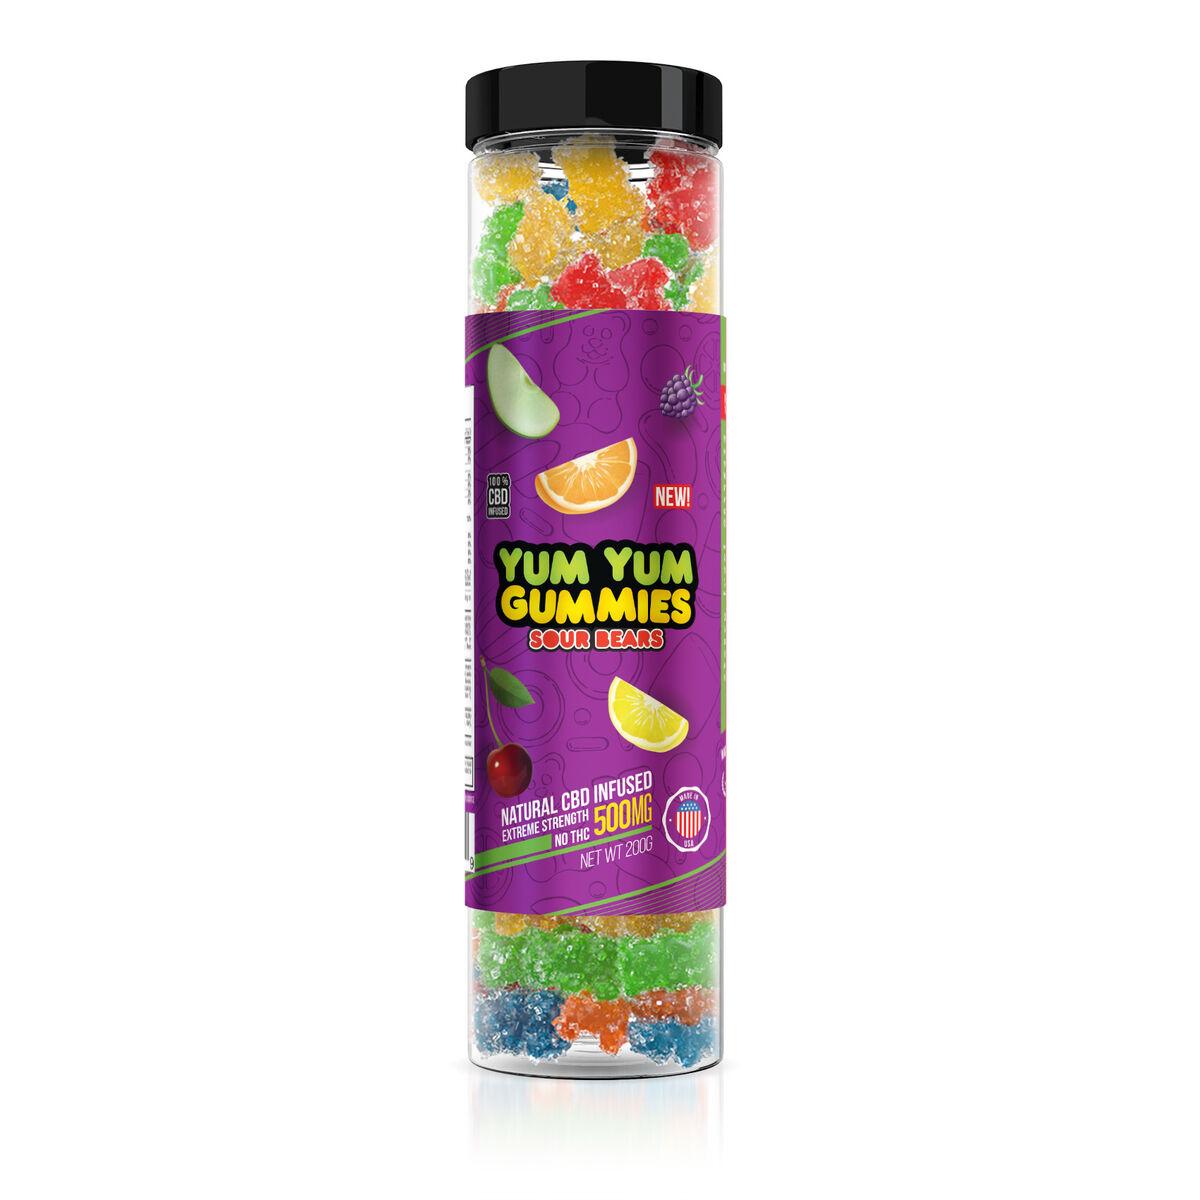 yum-yum-gummies-500mg-cbd-infused-sour-bears.jpg